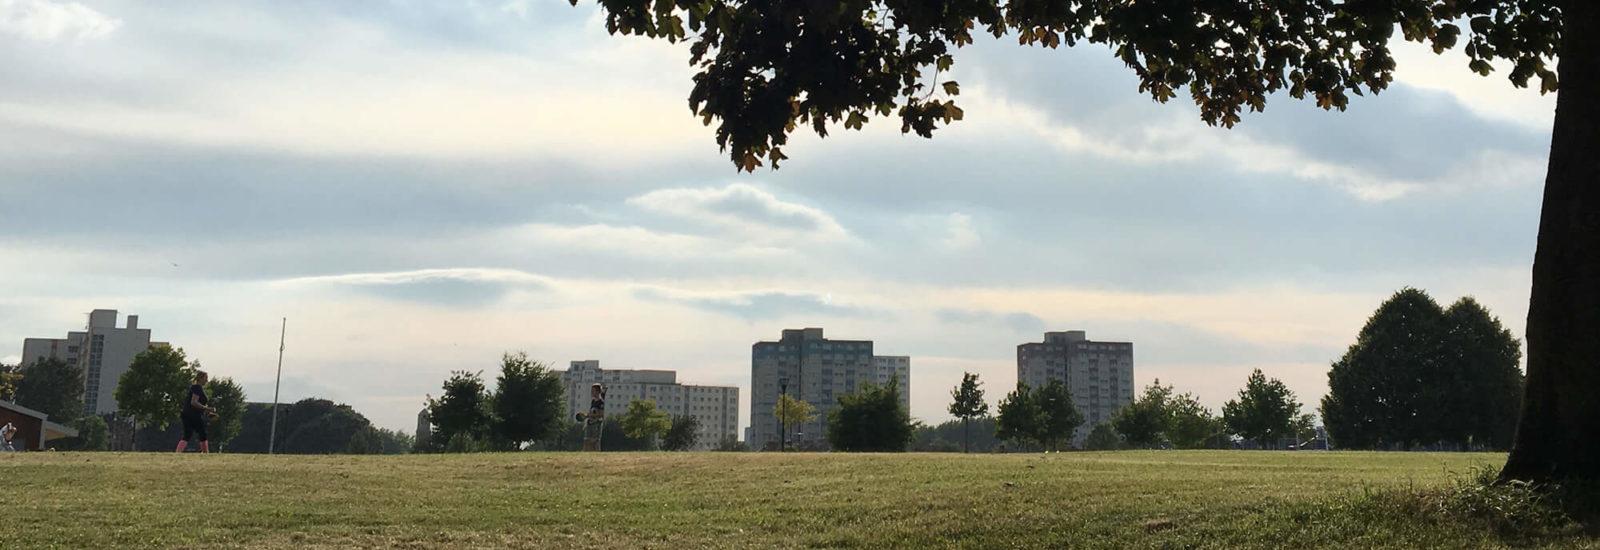 Image of Netham Park